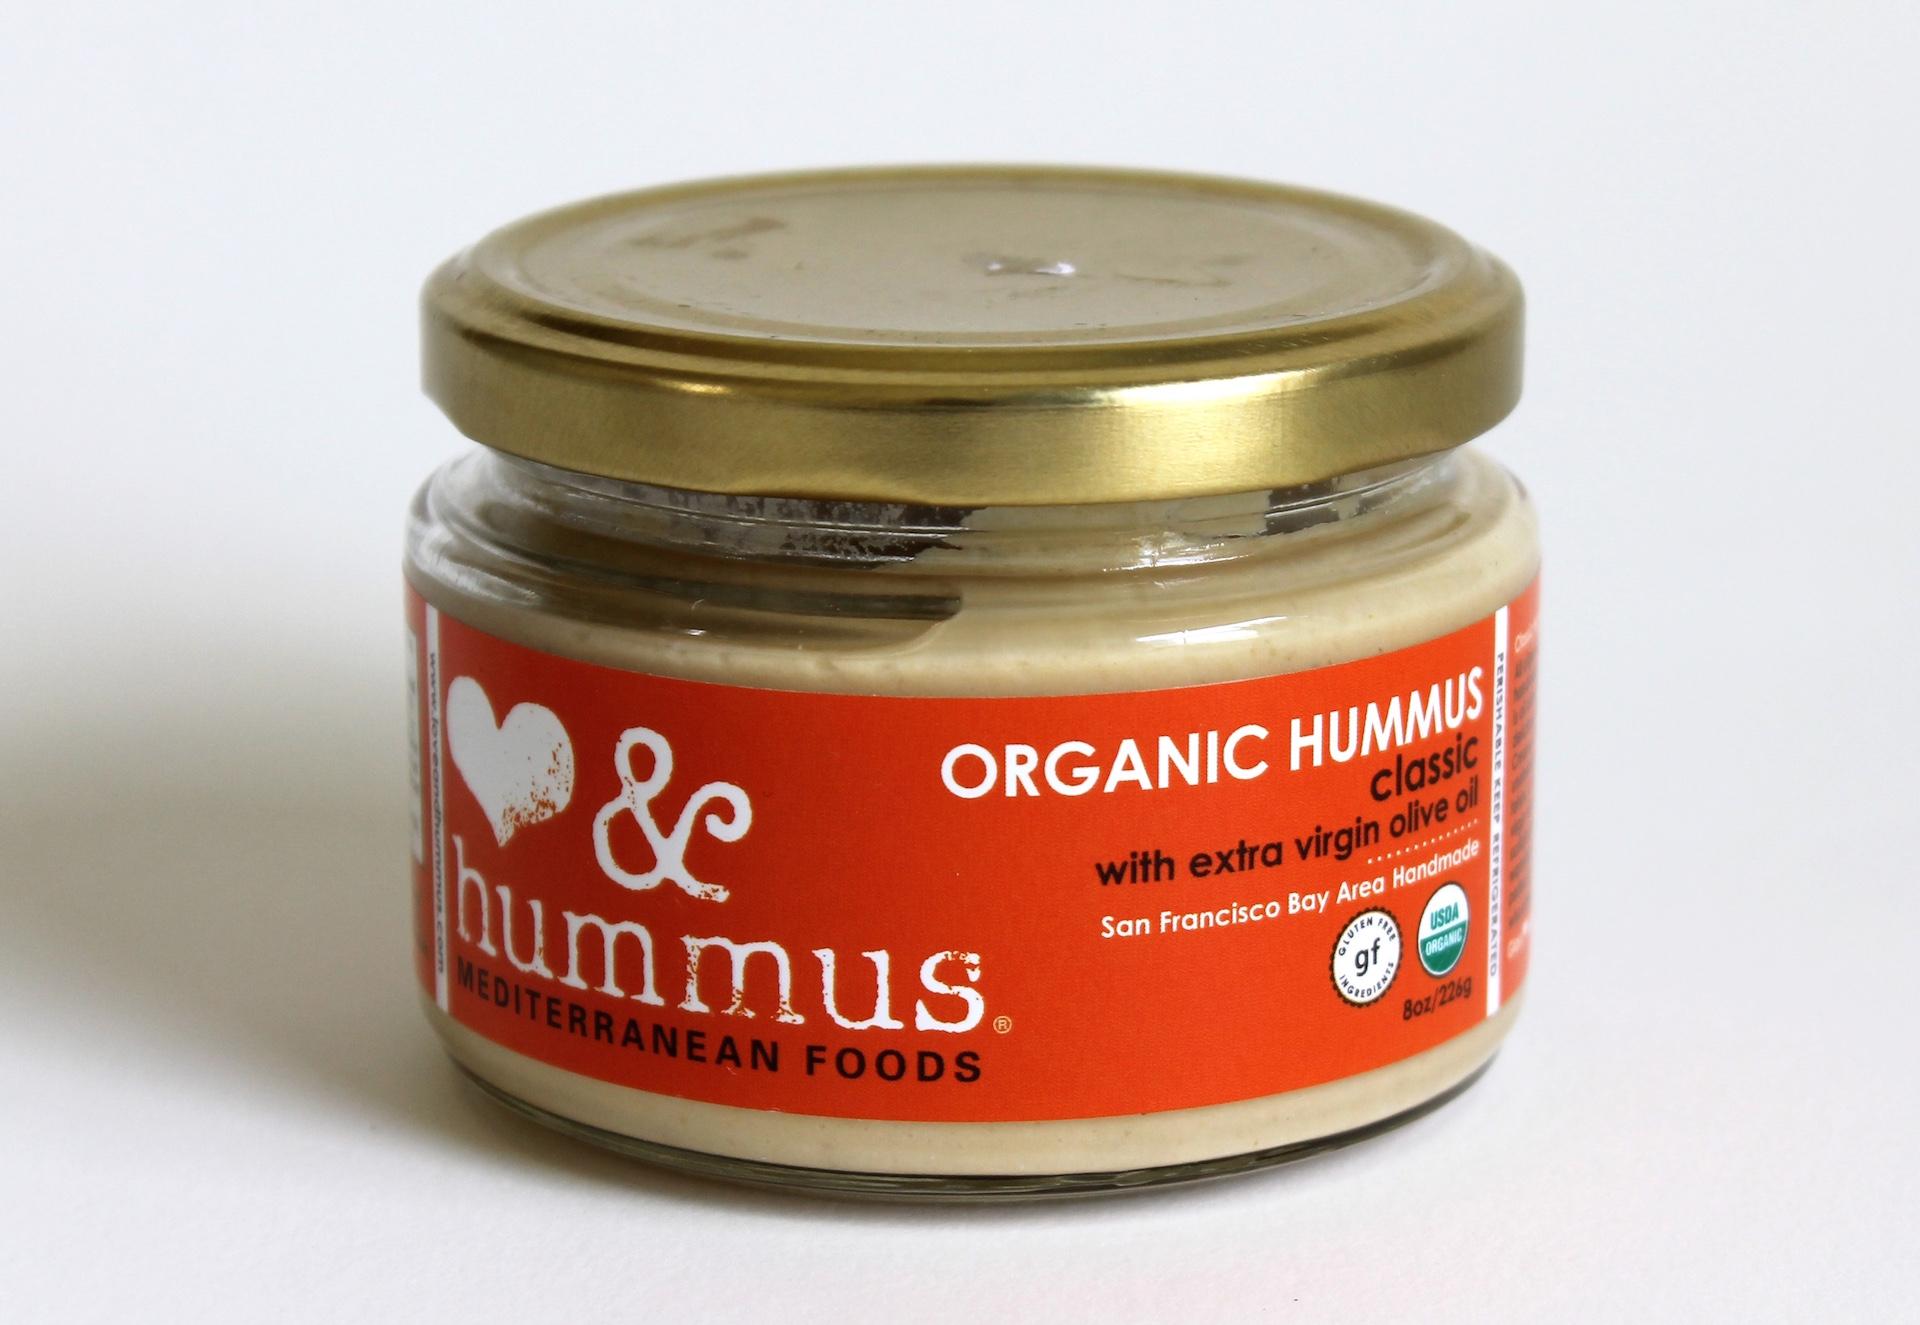 Hummus Organic Hummus Classic